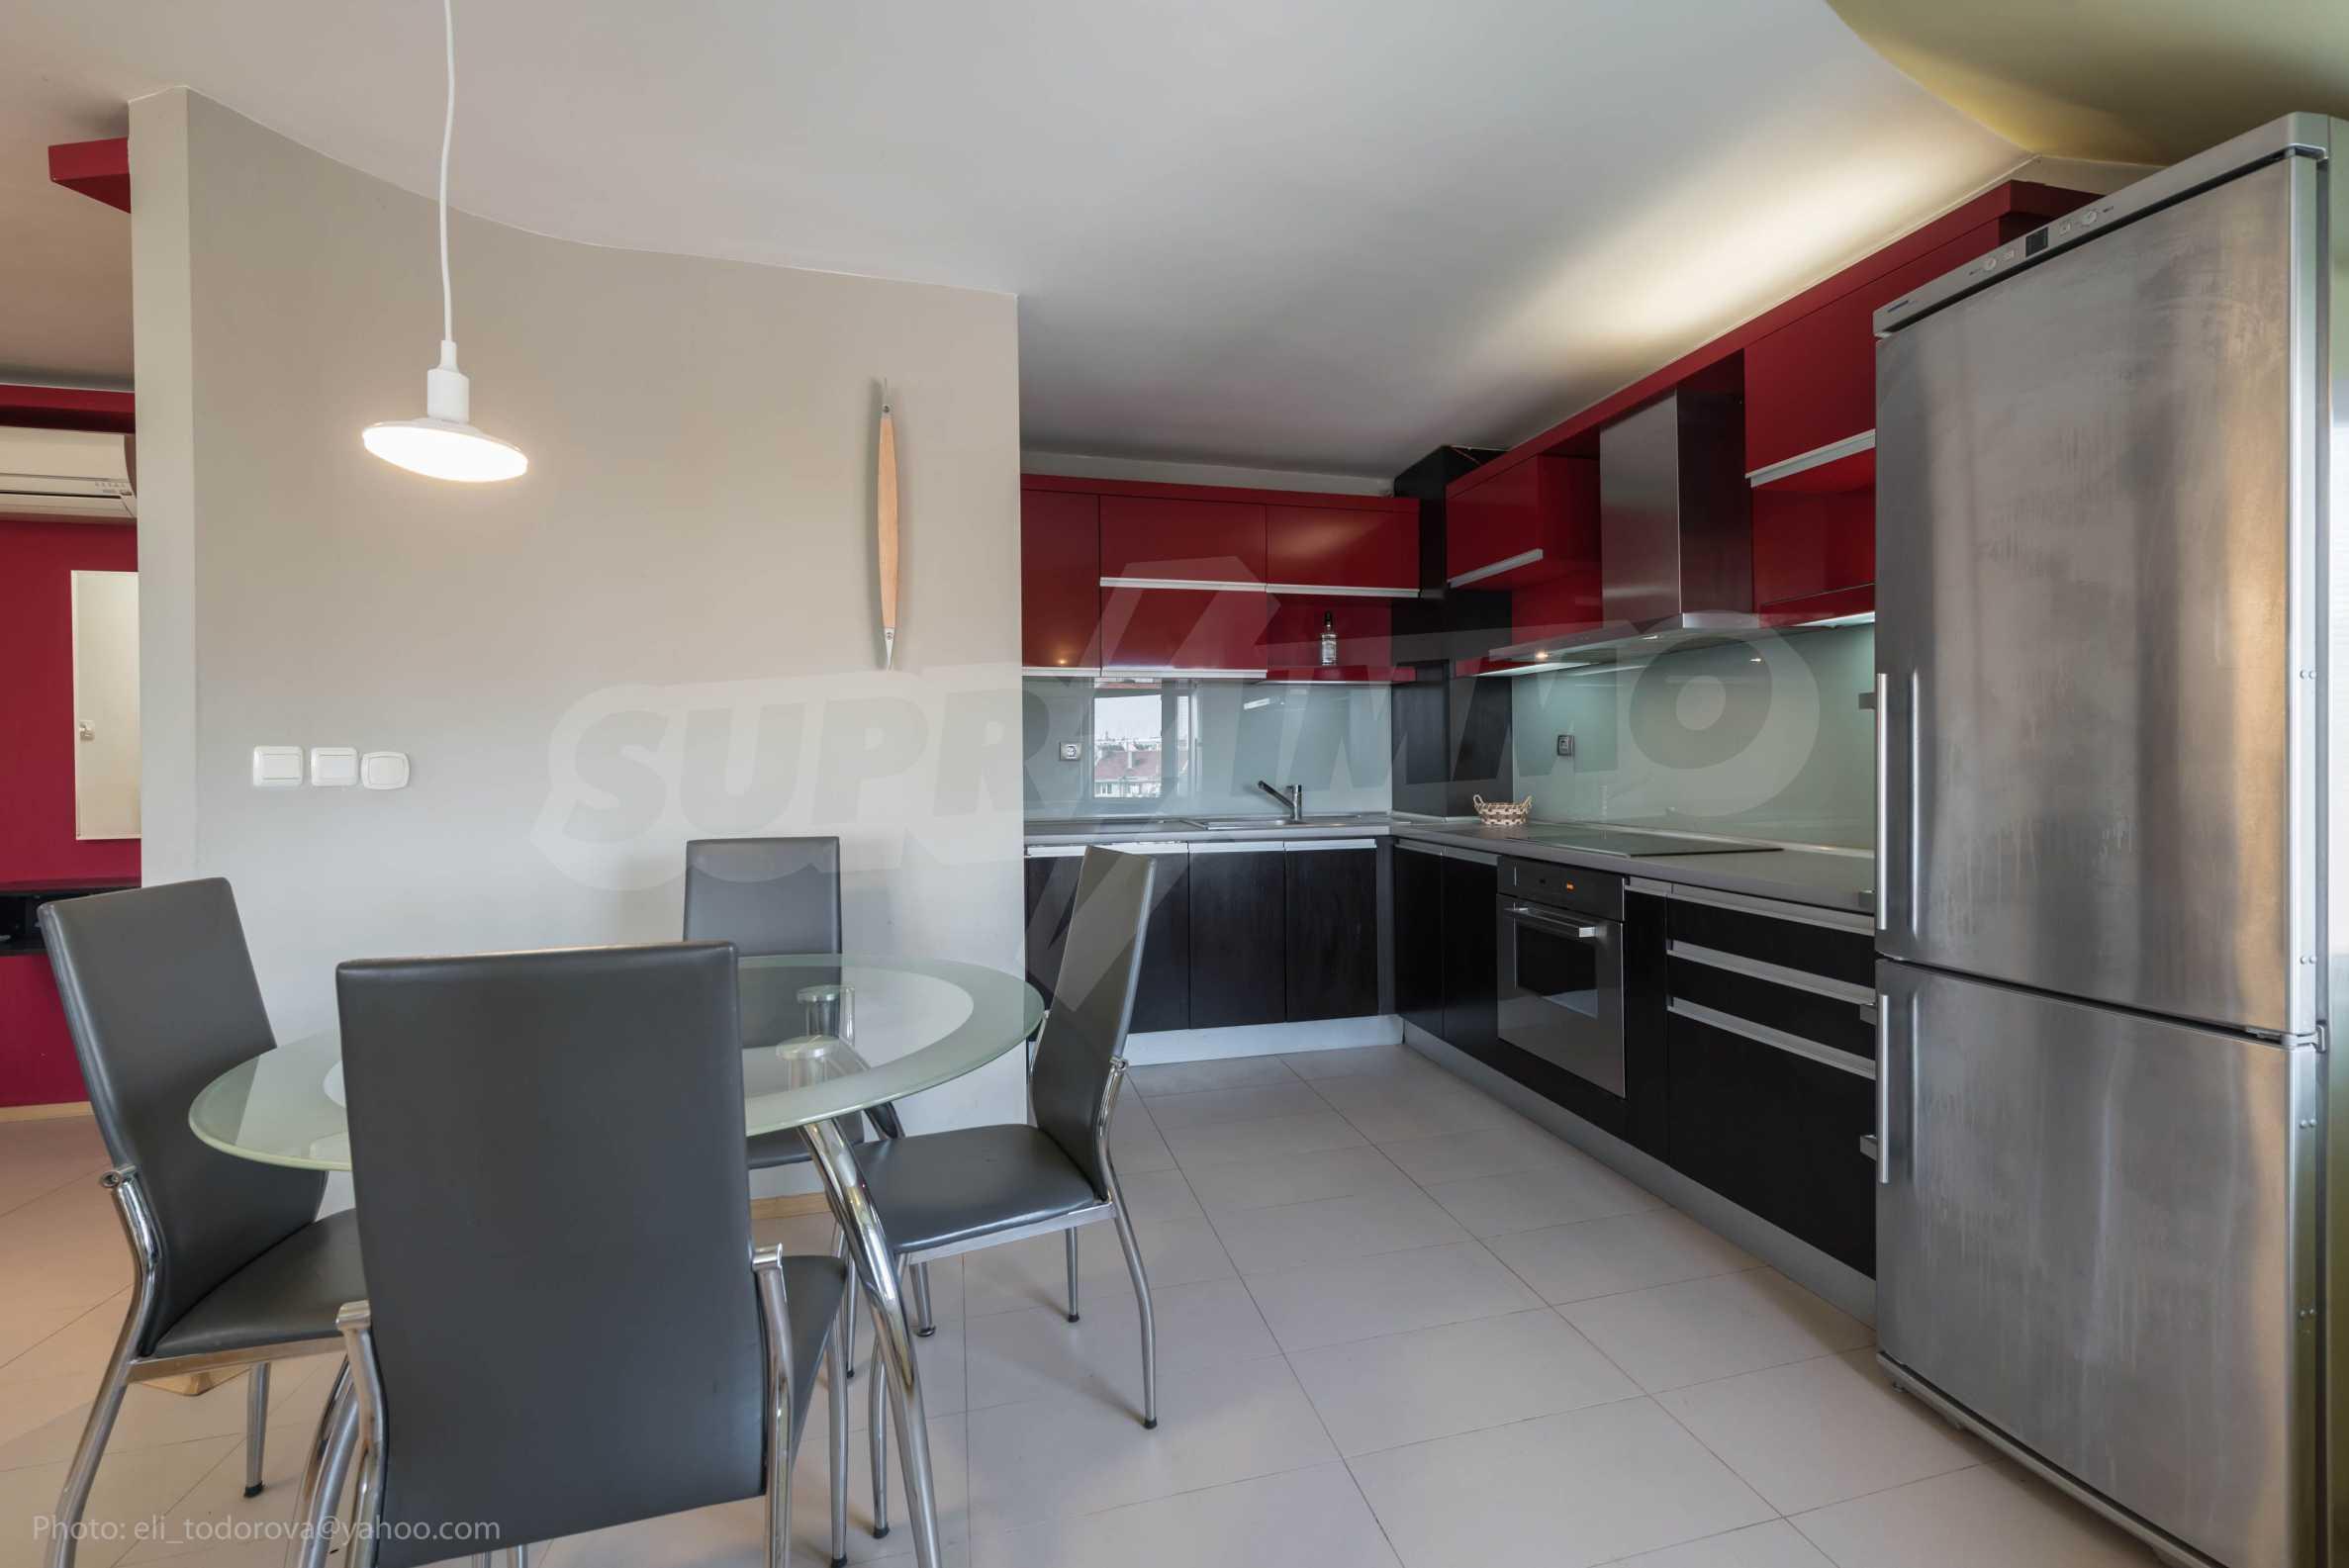 Квартира «Миша» - отличная трехкомнатная недвижимость в идеальном центре. 5